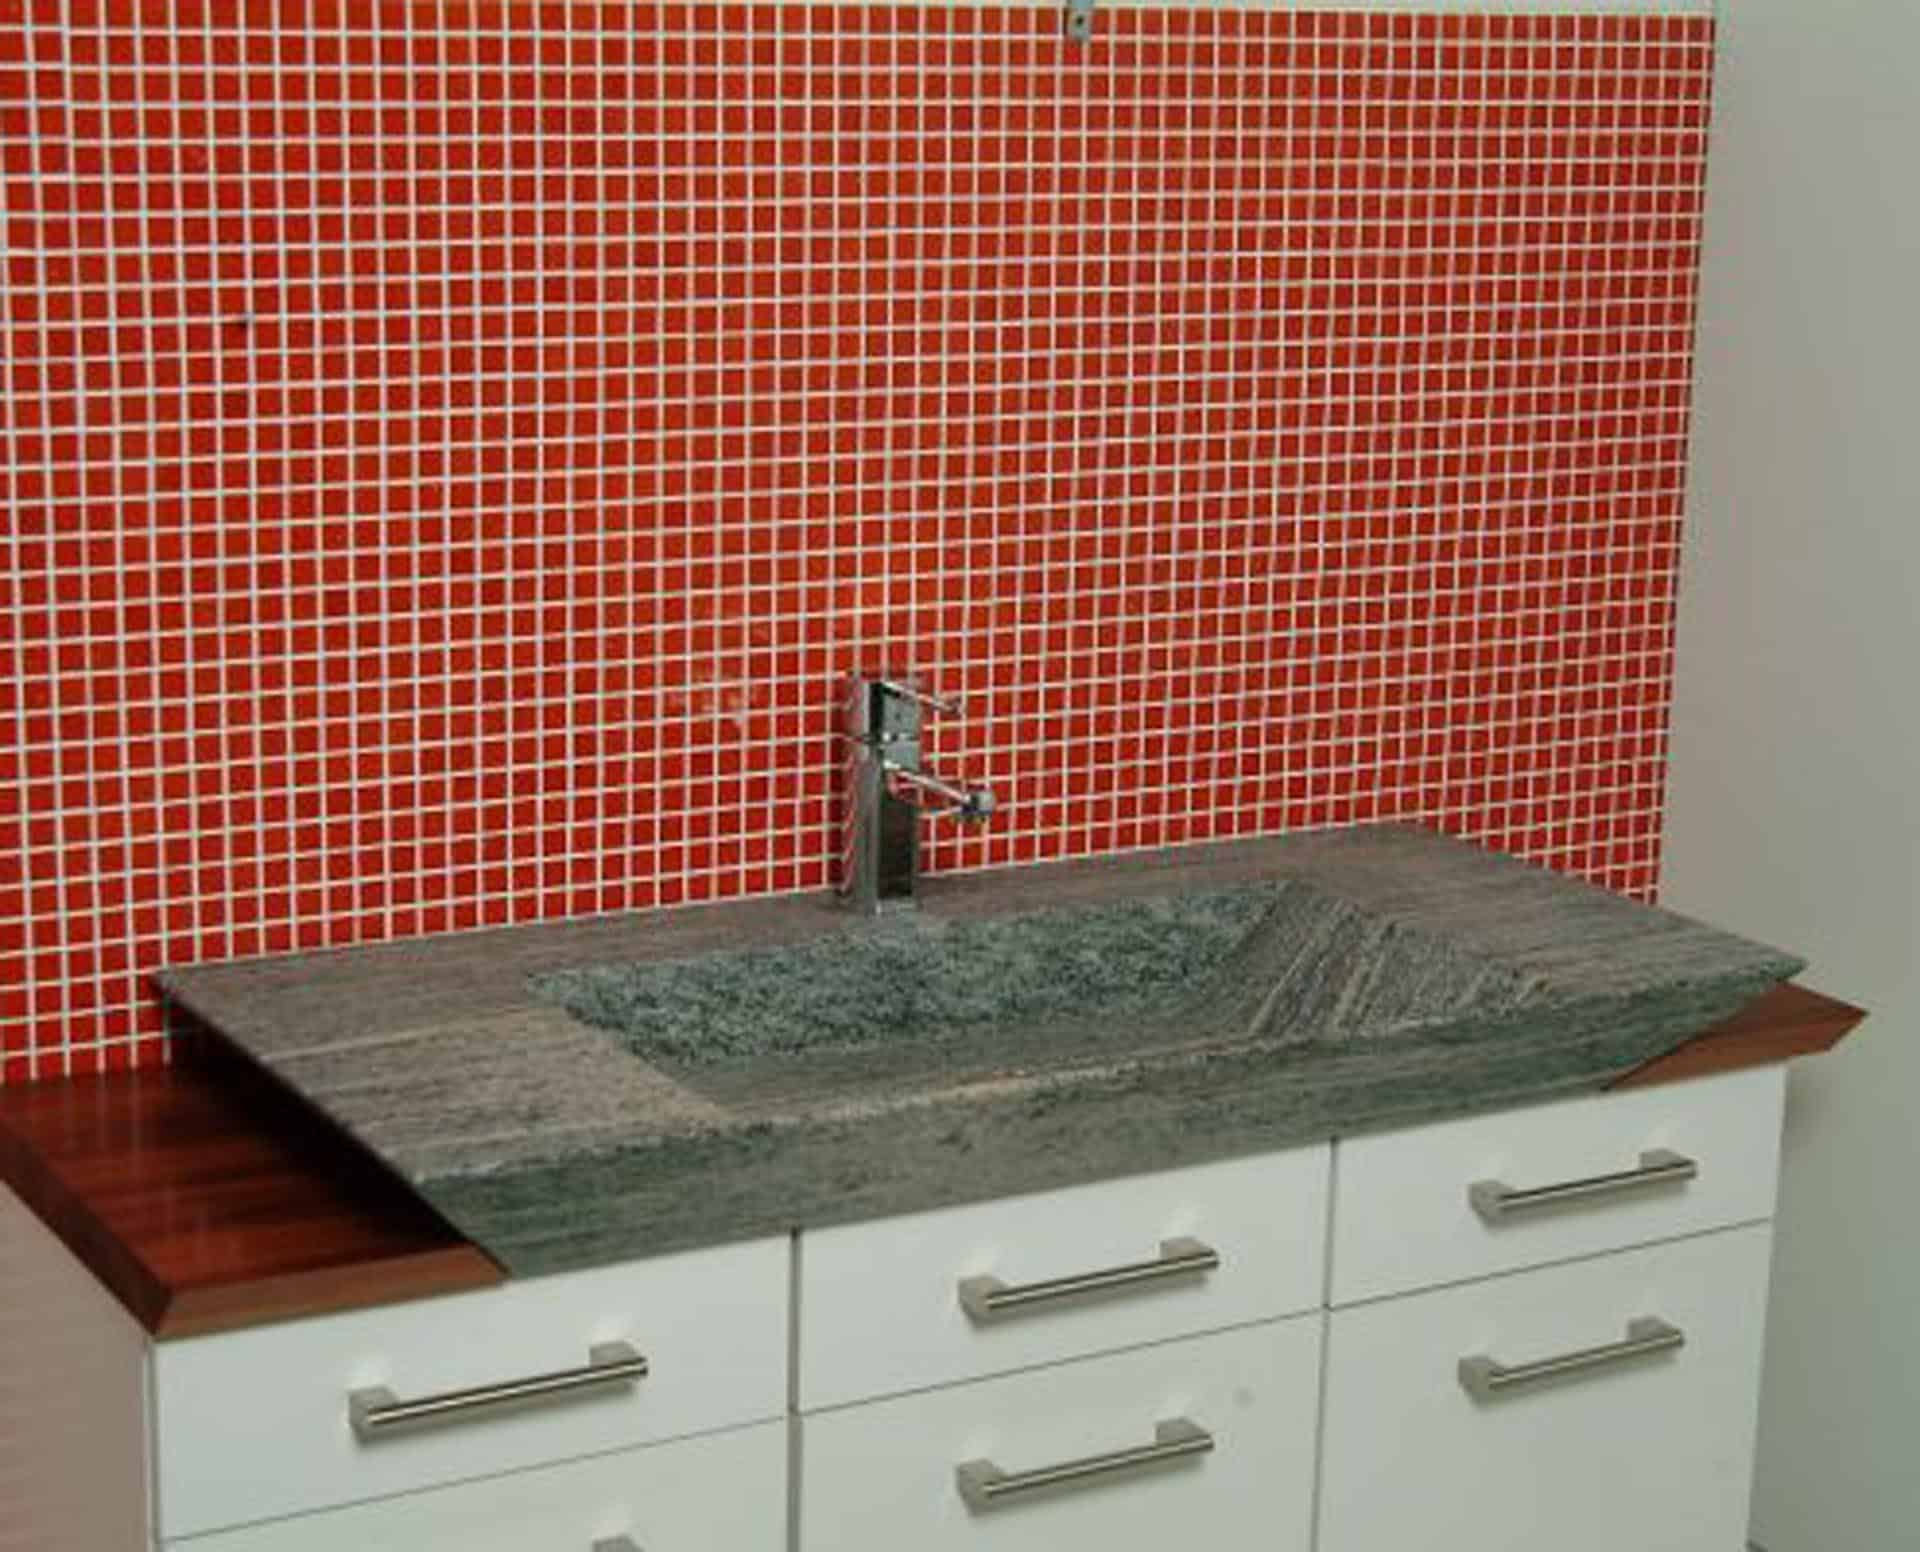 Eksklusiv designhåndvask fremstillet i massiv granit. Den røde granit har en mat finish. En ægte stenvask i målene: 60/80 x 35,5 x 10 cm. Vasken er bearbejdet ud af et helt stykke granit - vi fræser ganske enkelt en håndvask ud af sten. Alle de afsluttende små detaljer er håndlavet. Med denne vask vil man få et stykke natur hjem i badeværelset. Det er kvalitet, som holder mange år ud i tiden. Vasken kan bruges som fritstående vask - da vasken er flad i bunden er den velegnet til at placere direkte på en bordplade. Vasken er hensynsmæssigt designet med fine rundinger, som både giver vasken et eksklusivt udtryk og gør den rengøringsvenlig. Vasken vedligeholdes med voks - vi anbefaler en behandling med vores egen naturvoks ID12002 et par gange om året for at opnå optimalt look.